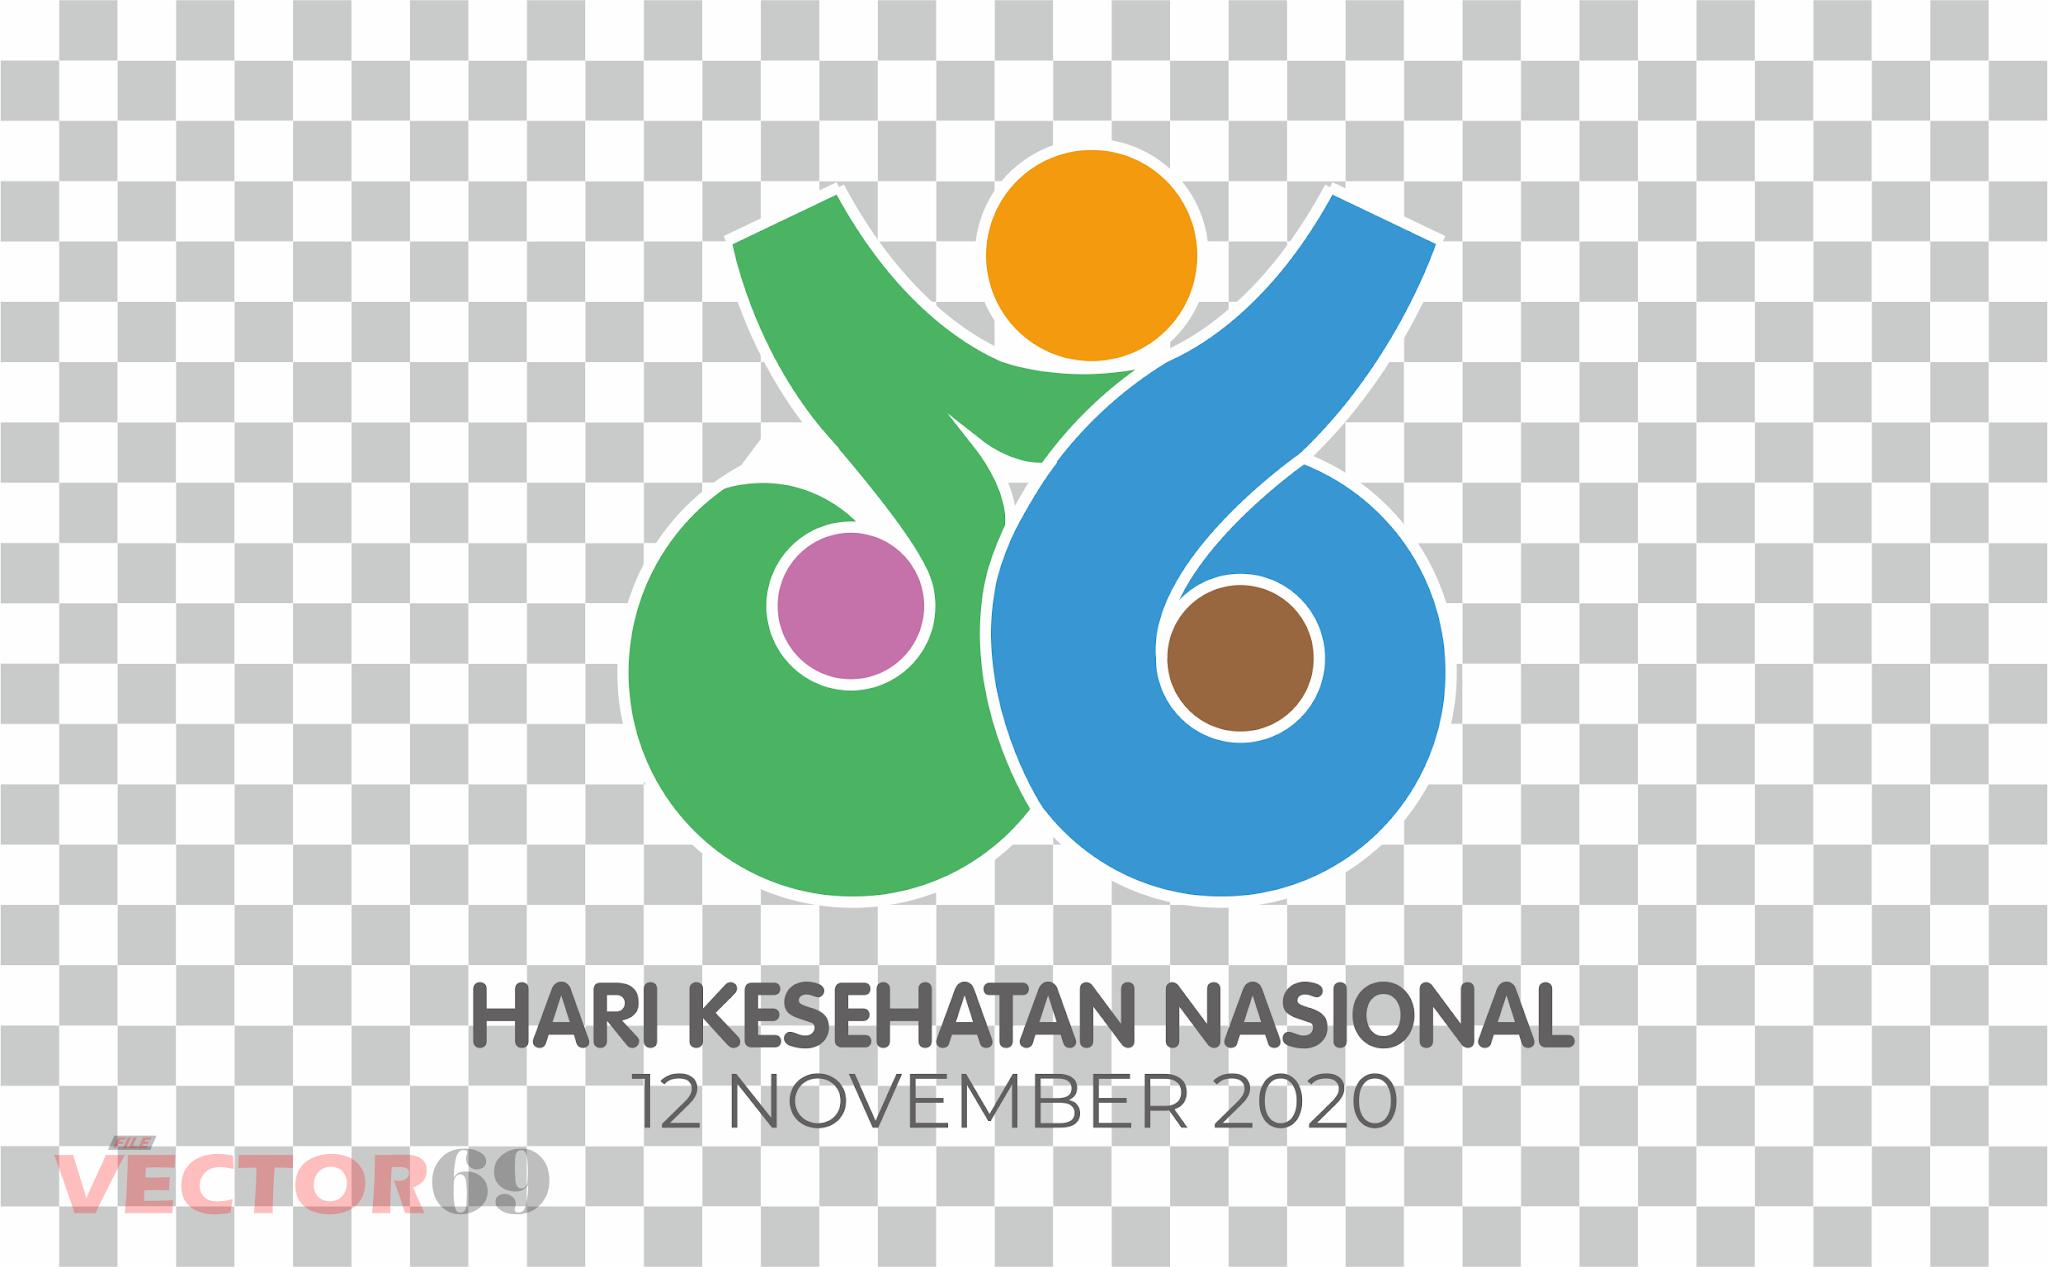 HKN (Hari Kesehatan Nasional) 2020 Logo - Download Vector File PNG (Portable Network Graphics)